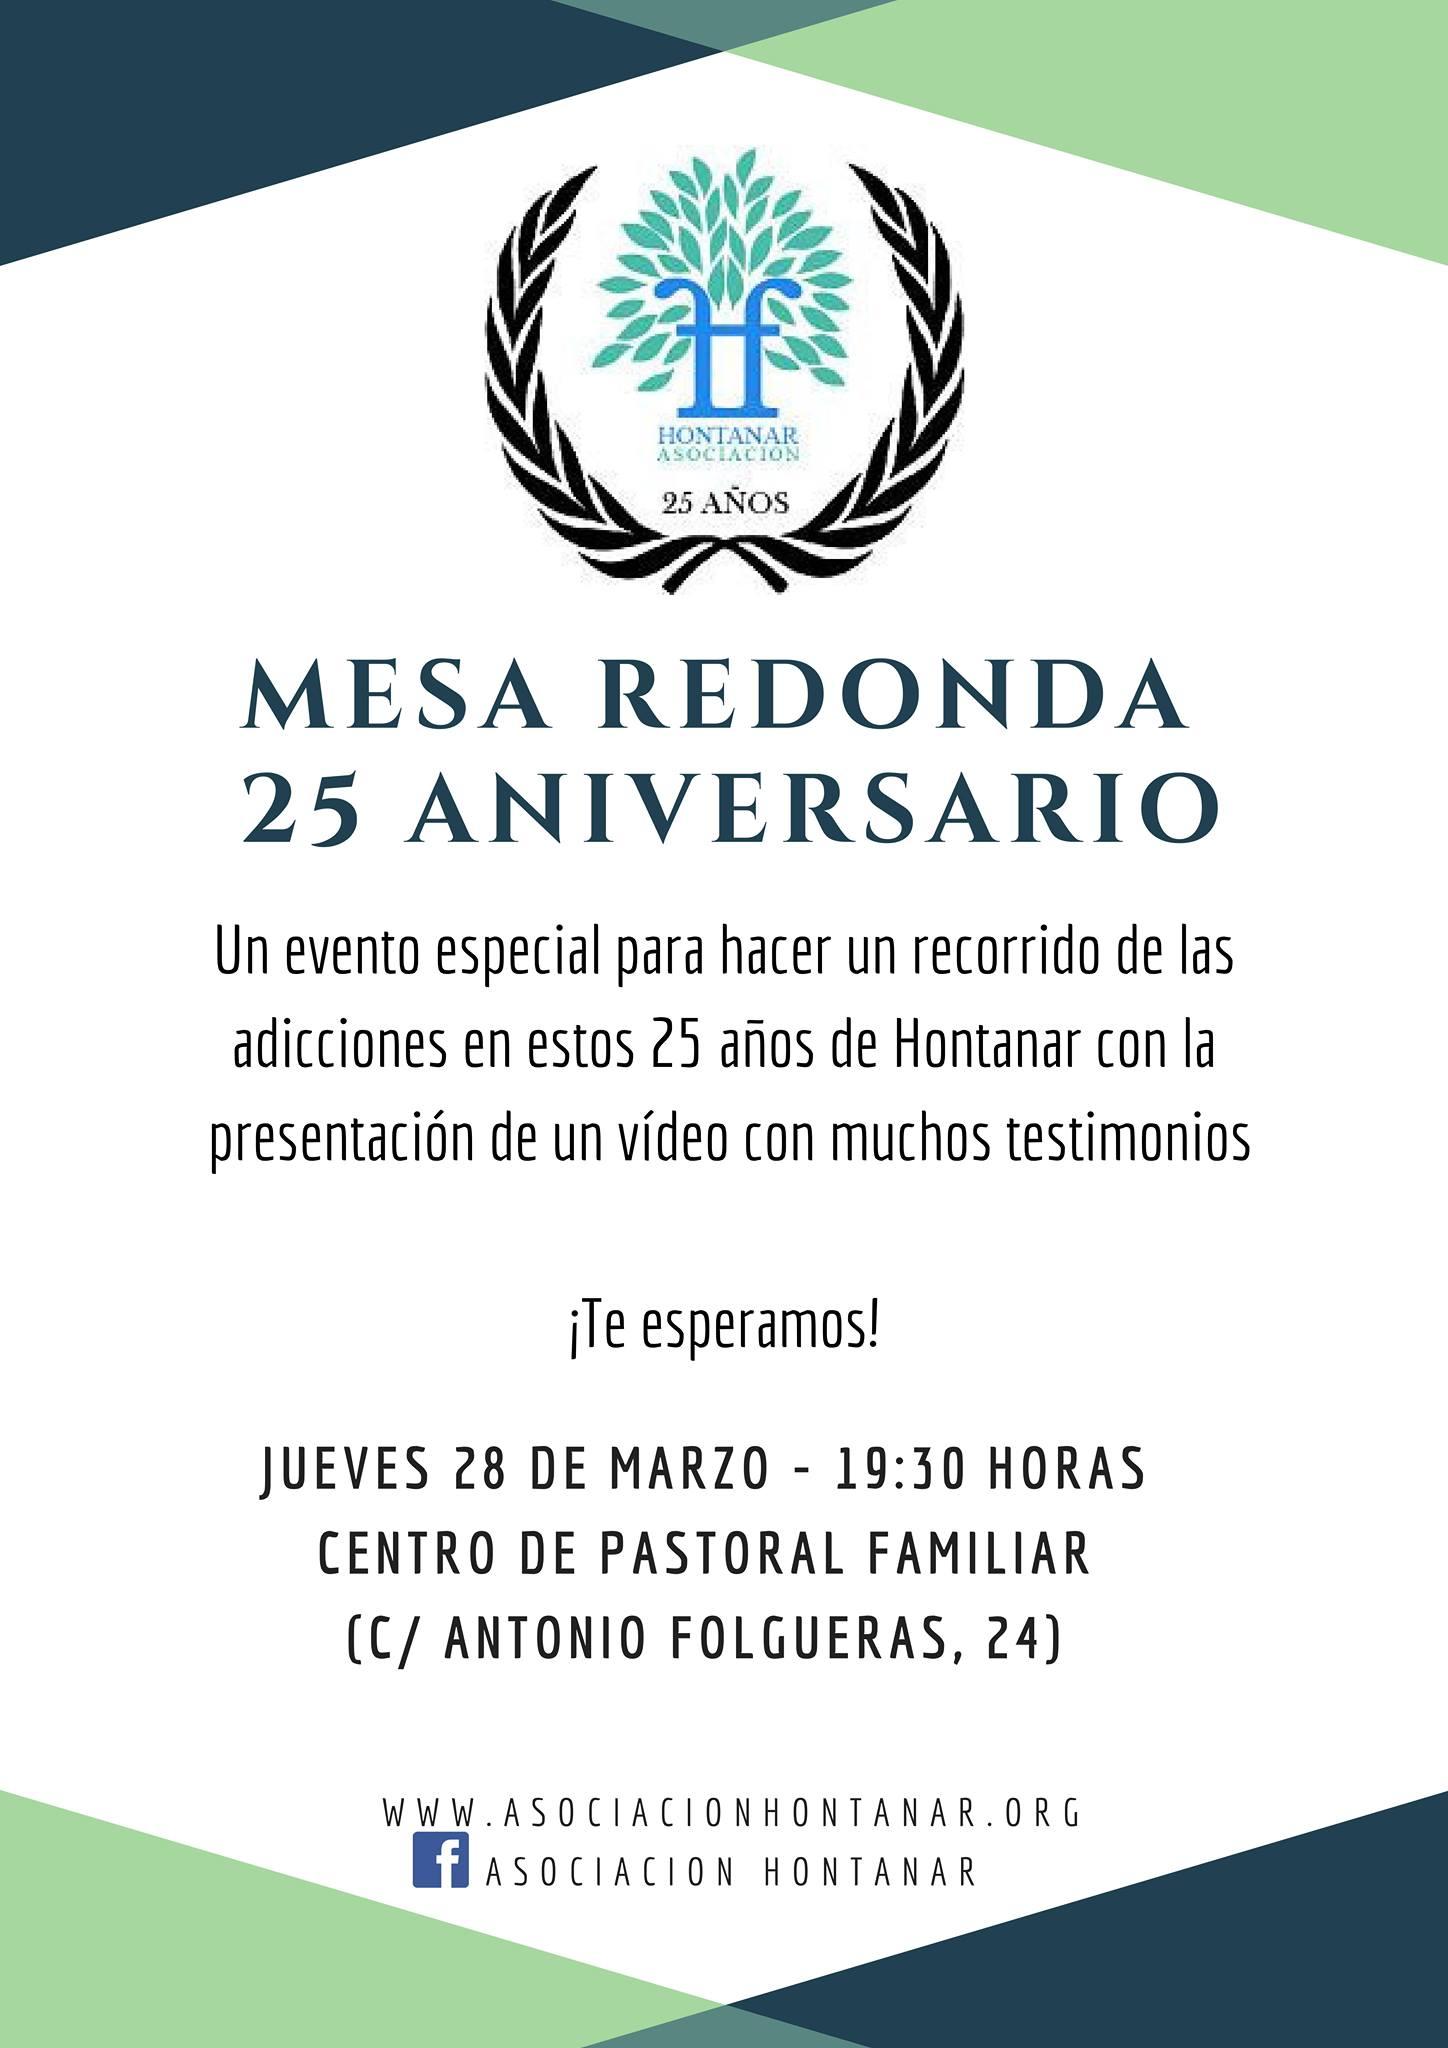 Mesa redonda 25 aniversario de Hontanar